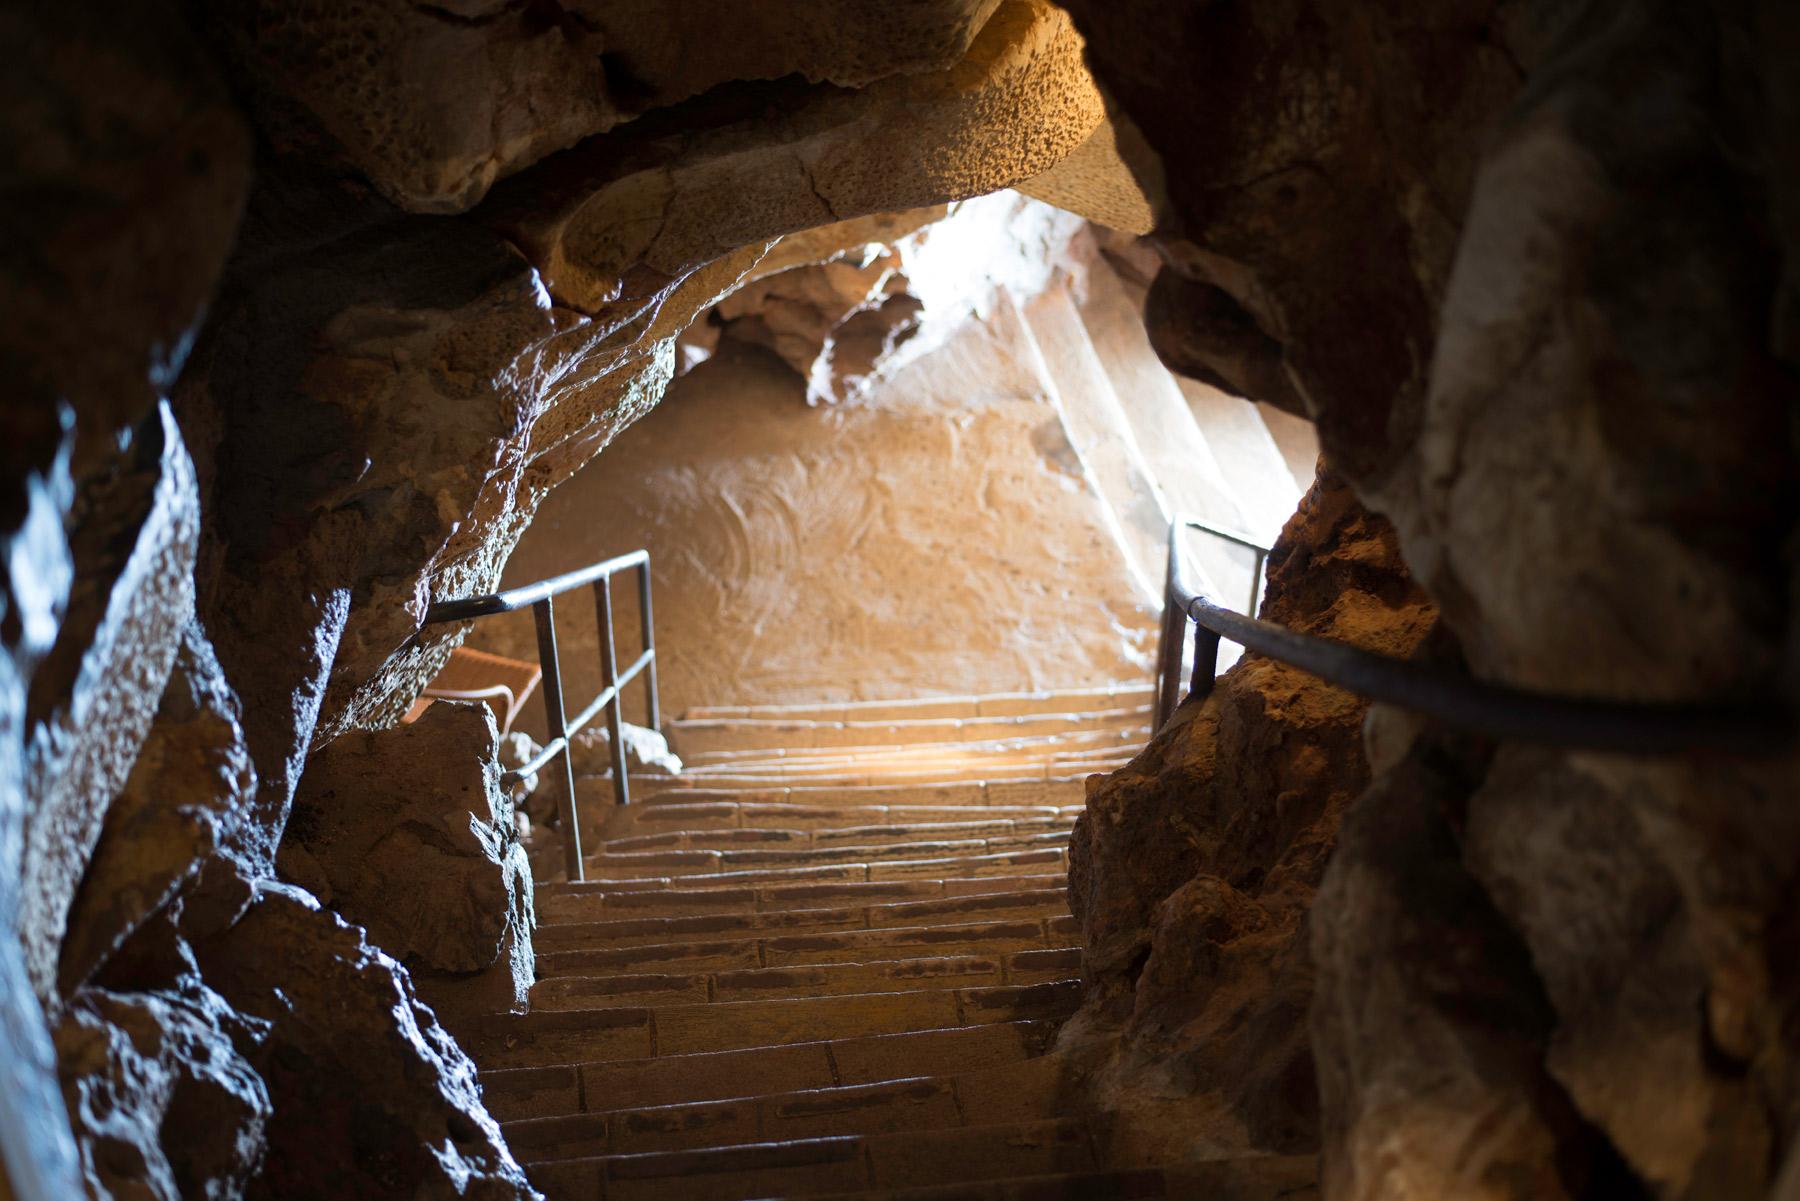 histoire du tourisme souterrain entree_galerie_grotte-saint-cezaire-alpes-maritimes_copyright-benjamin-celier